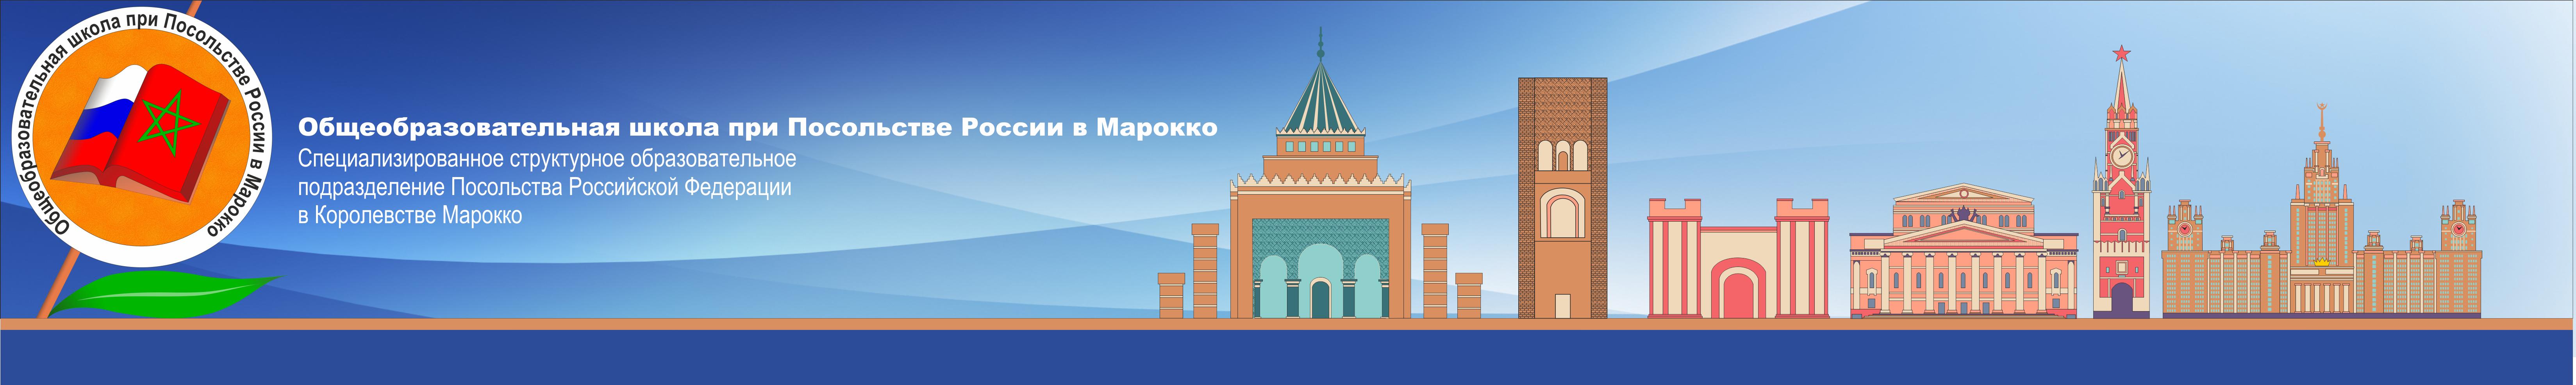 Школа при Посольстве России в Марокко Логотип